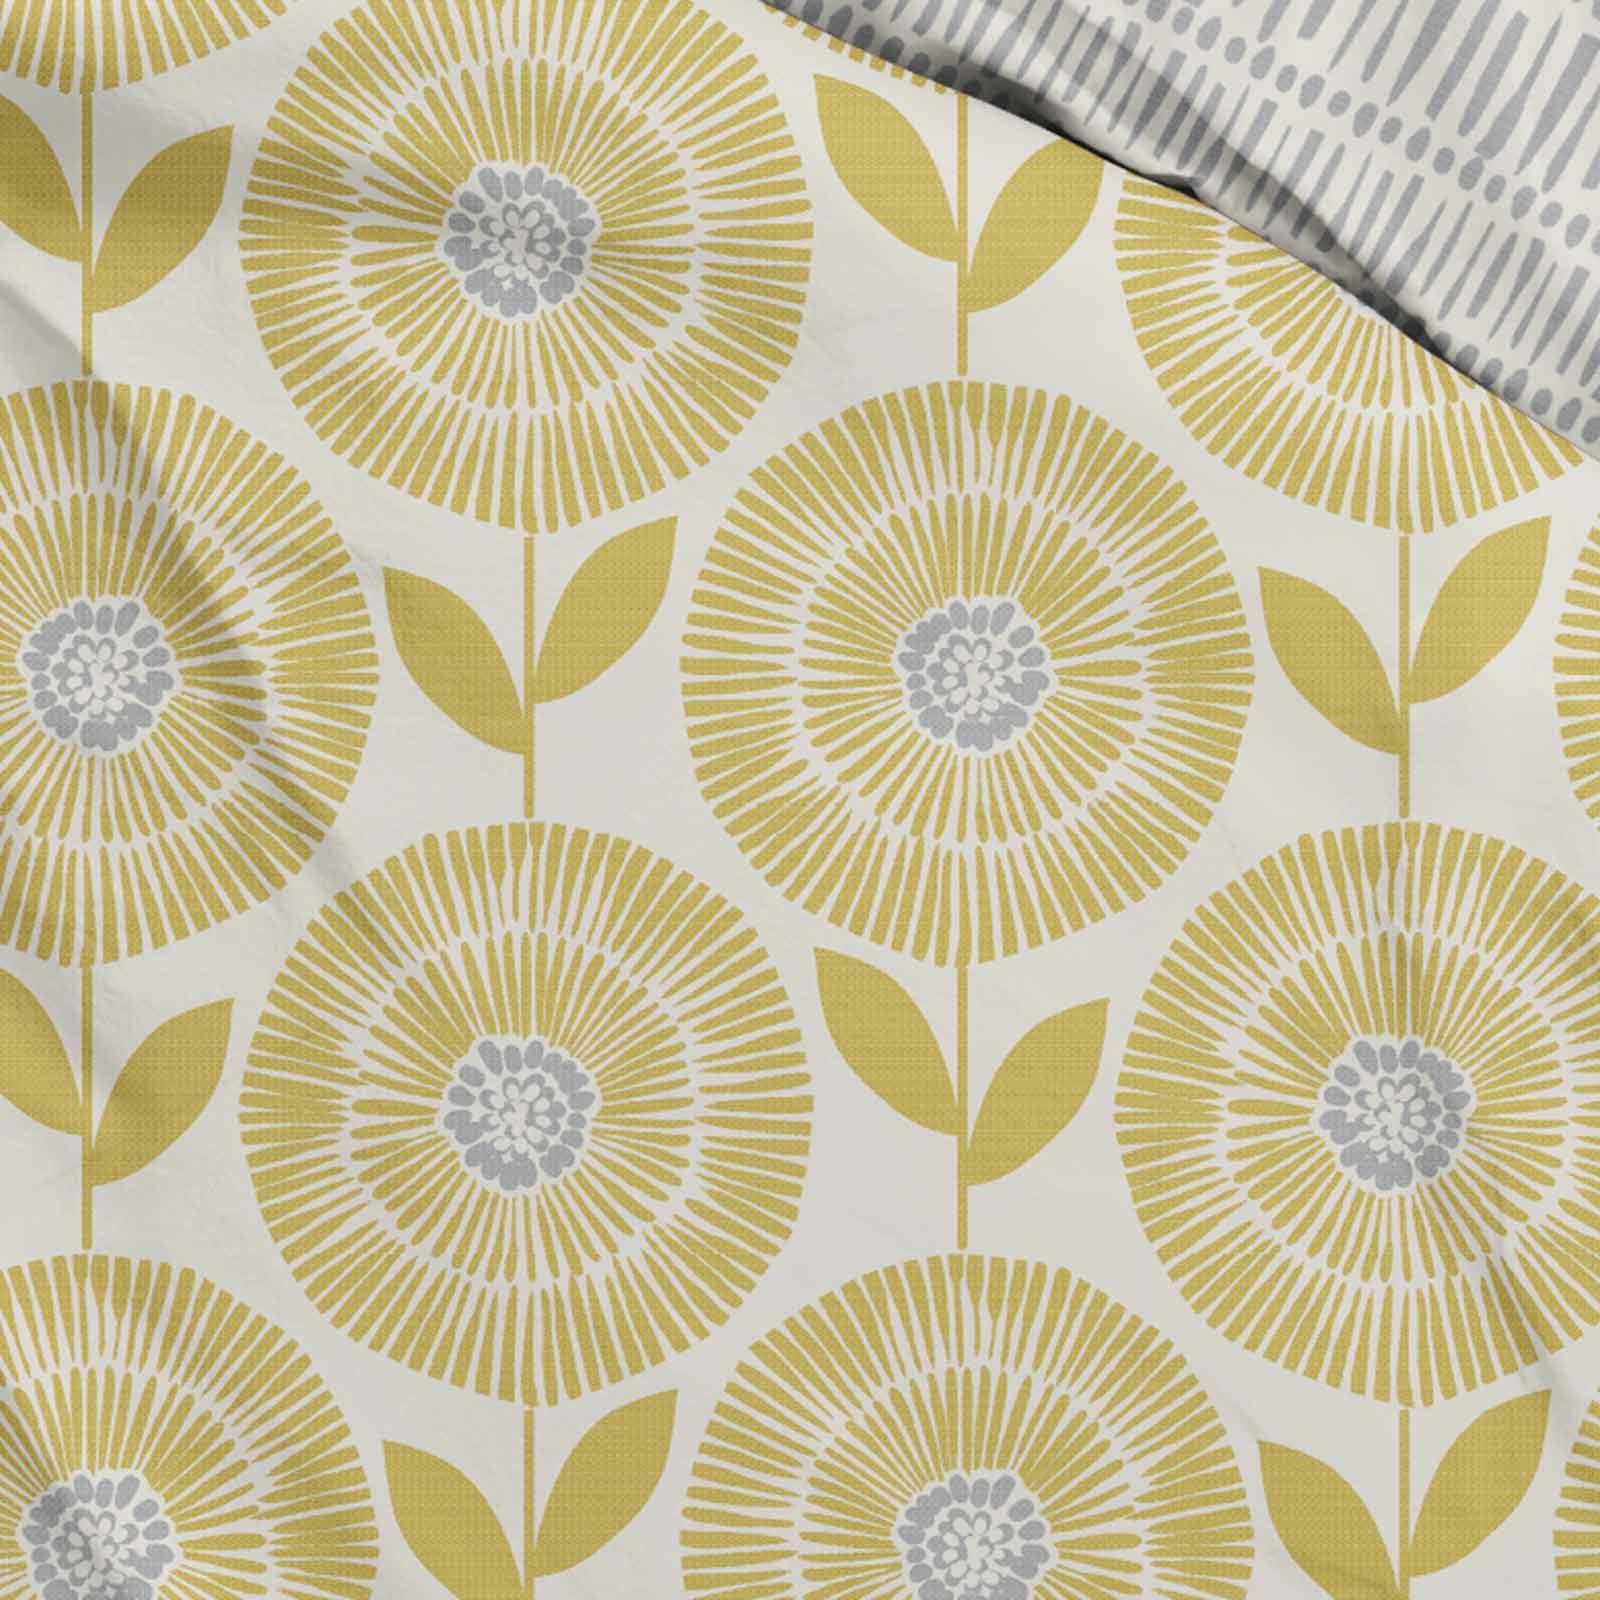 Mostaza-amarillo-ocre-Conjunto-de-Edredon-De-Funda-De-Edredon-Funda-De-Almohada-Individual-Doble miniatura 3